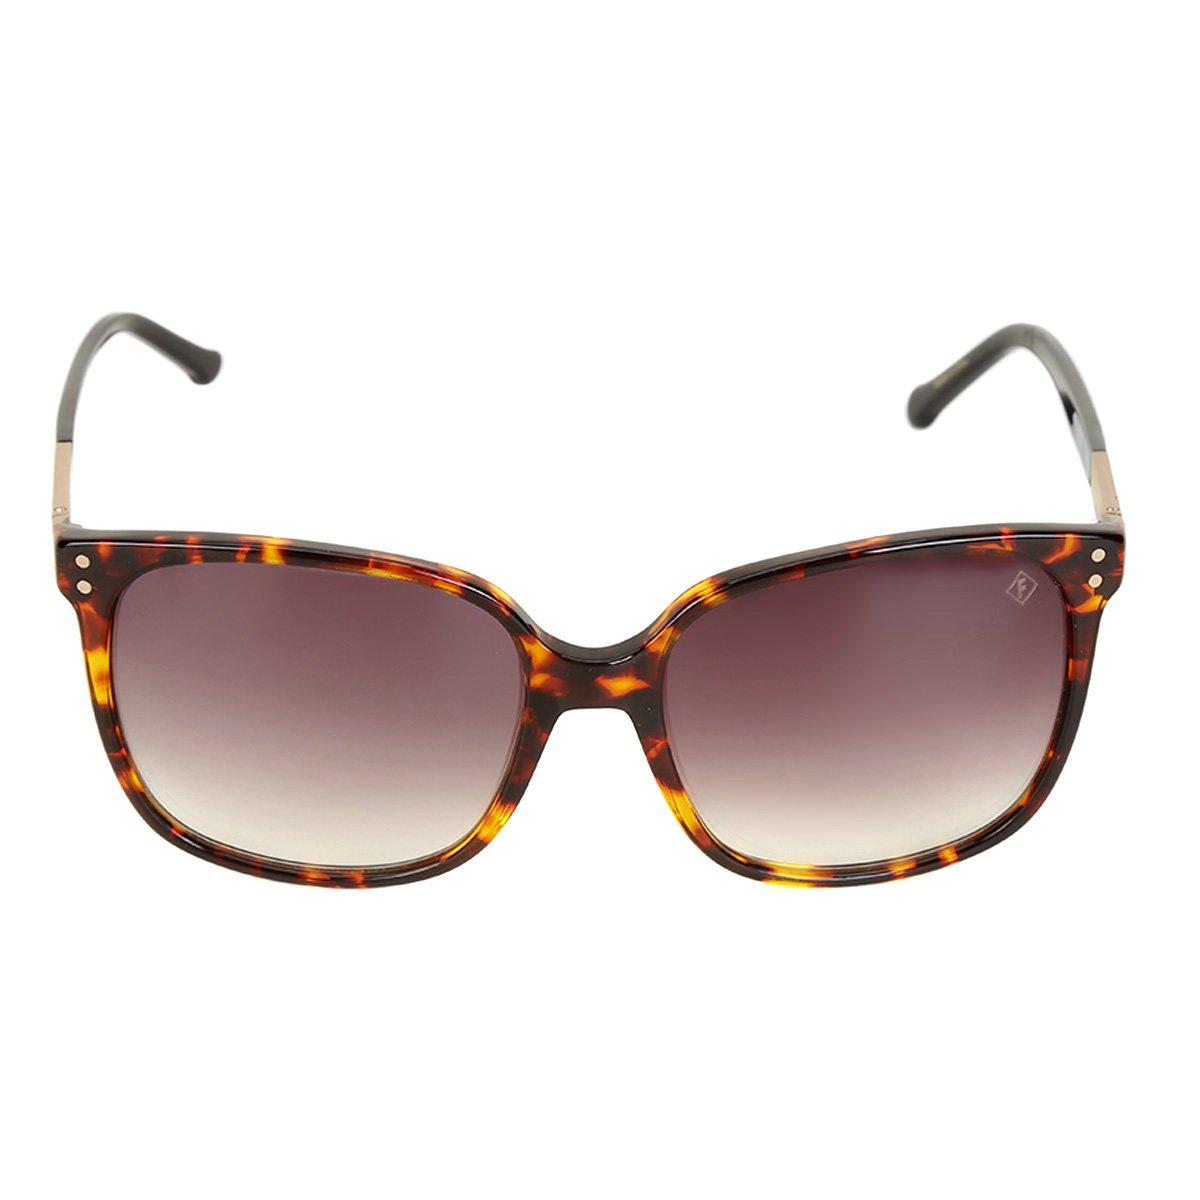 09a8d30eb55d1 Óculos de Sol Forum F0012 Lente Degradê Feminino - Compre Agora ...